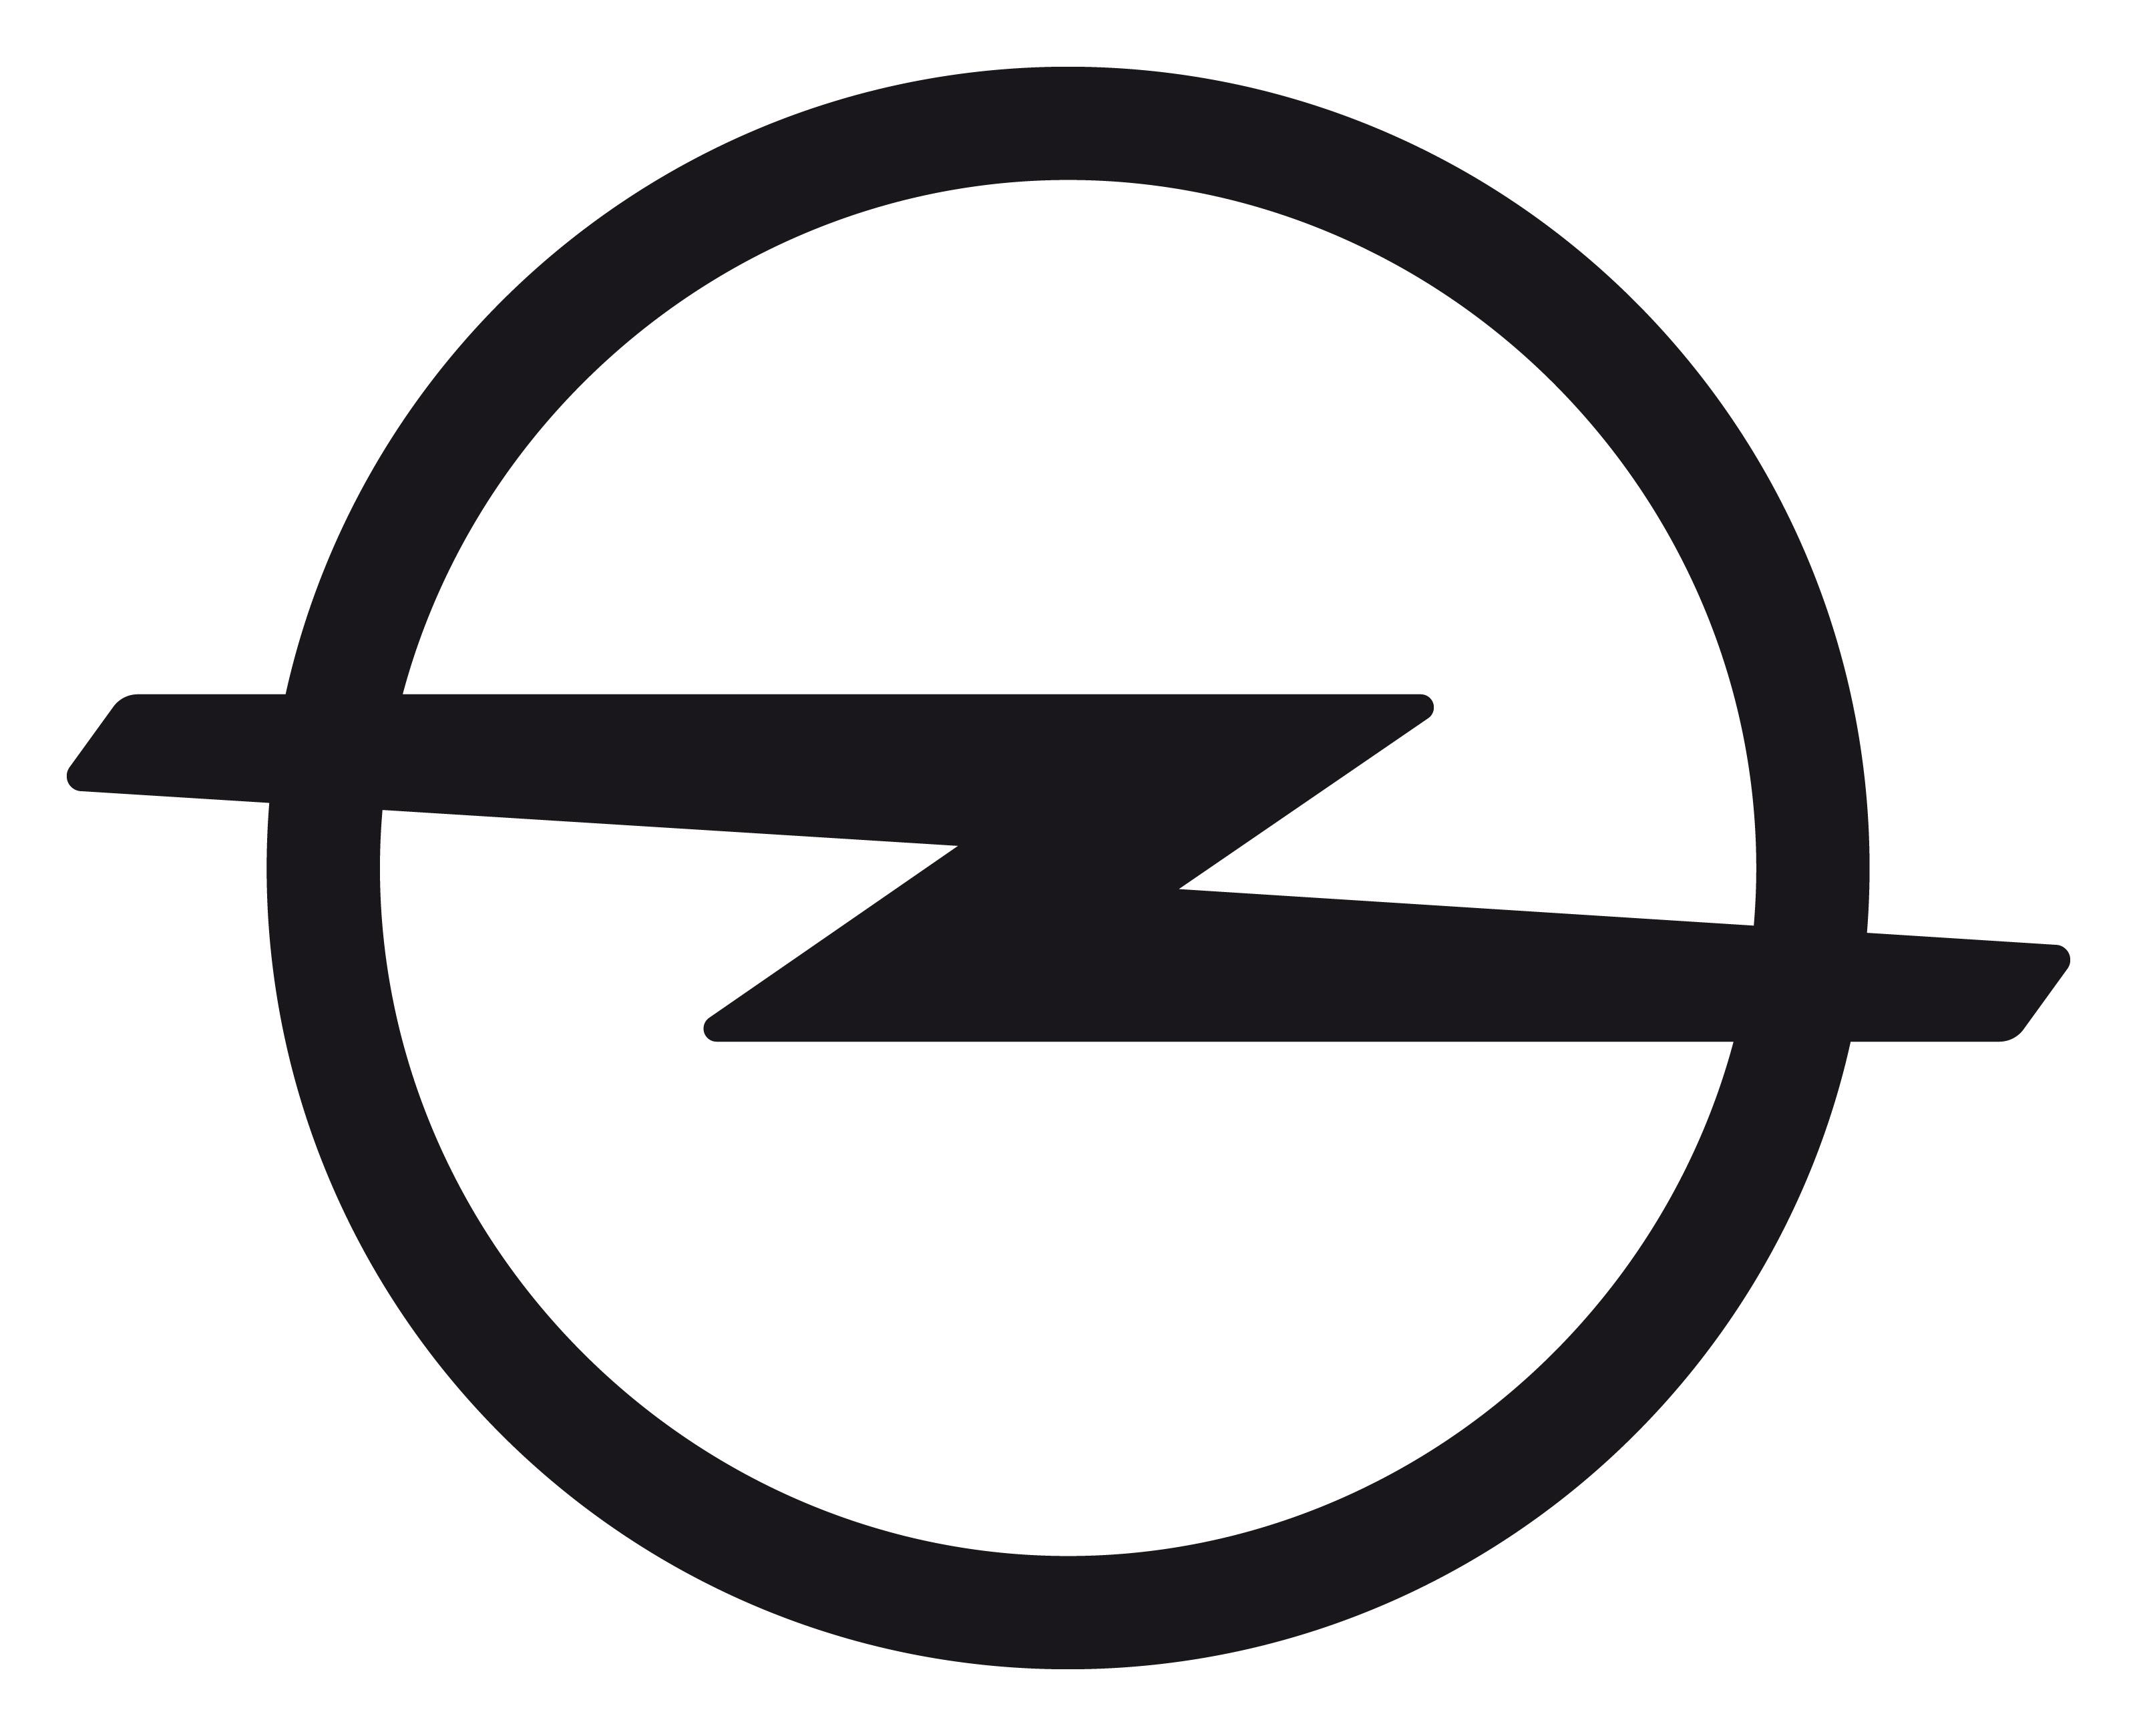 Ausgezeichnet Schematisches Symbol Für Induktor Zeitgenössisch ...